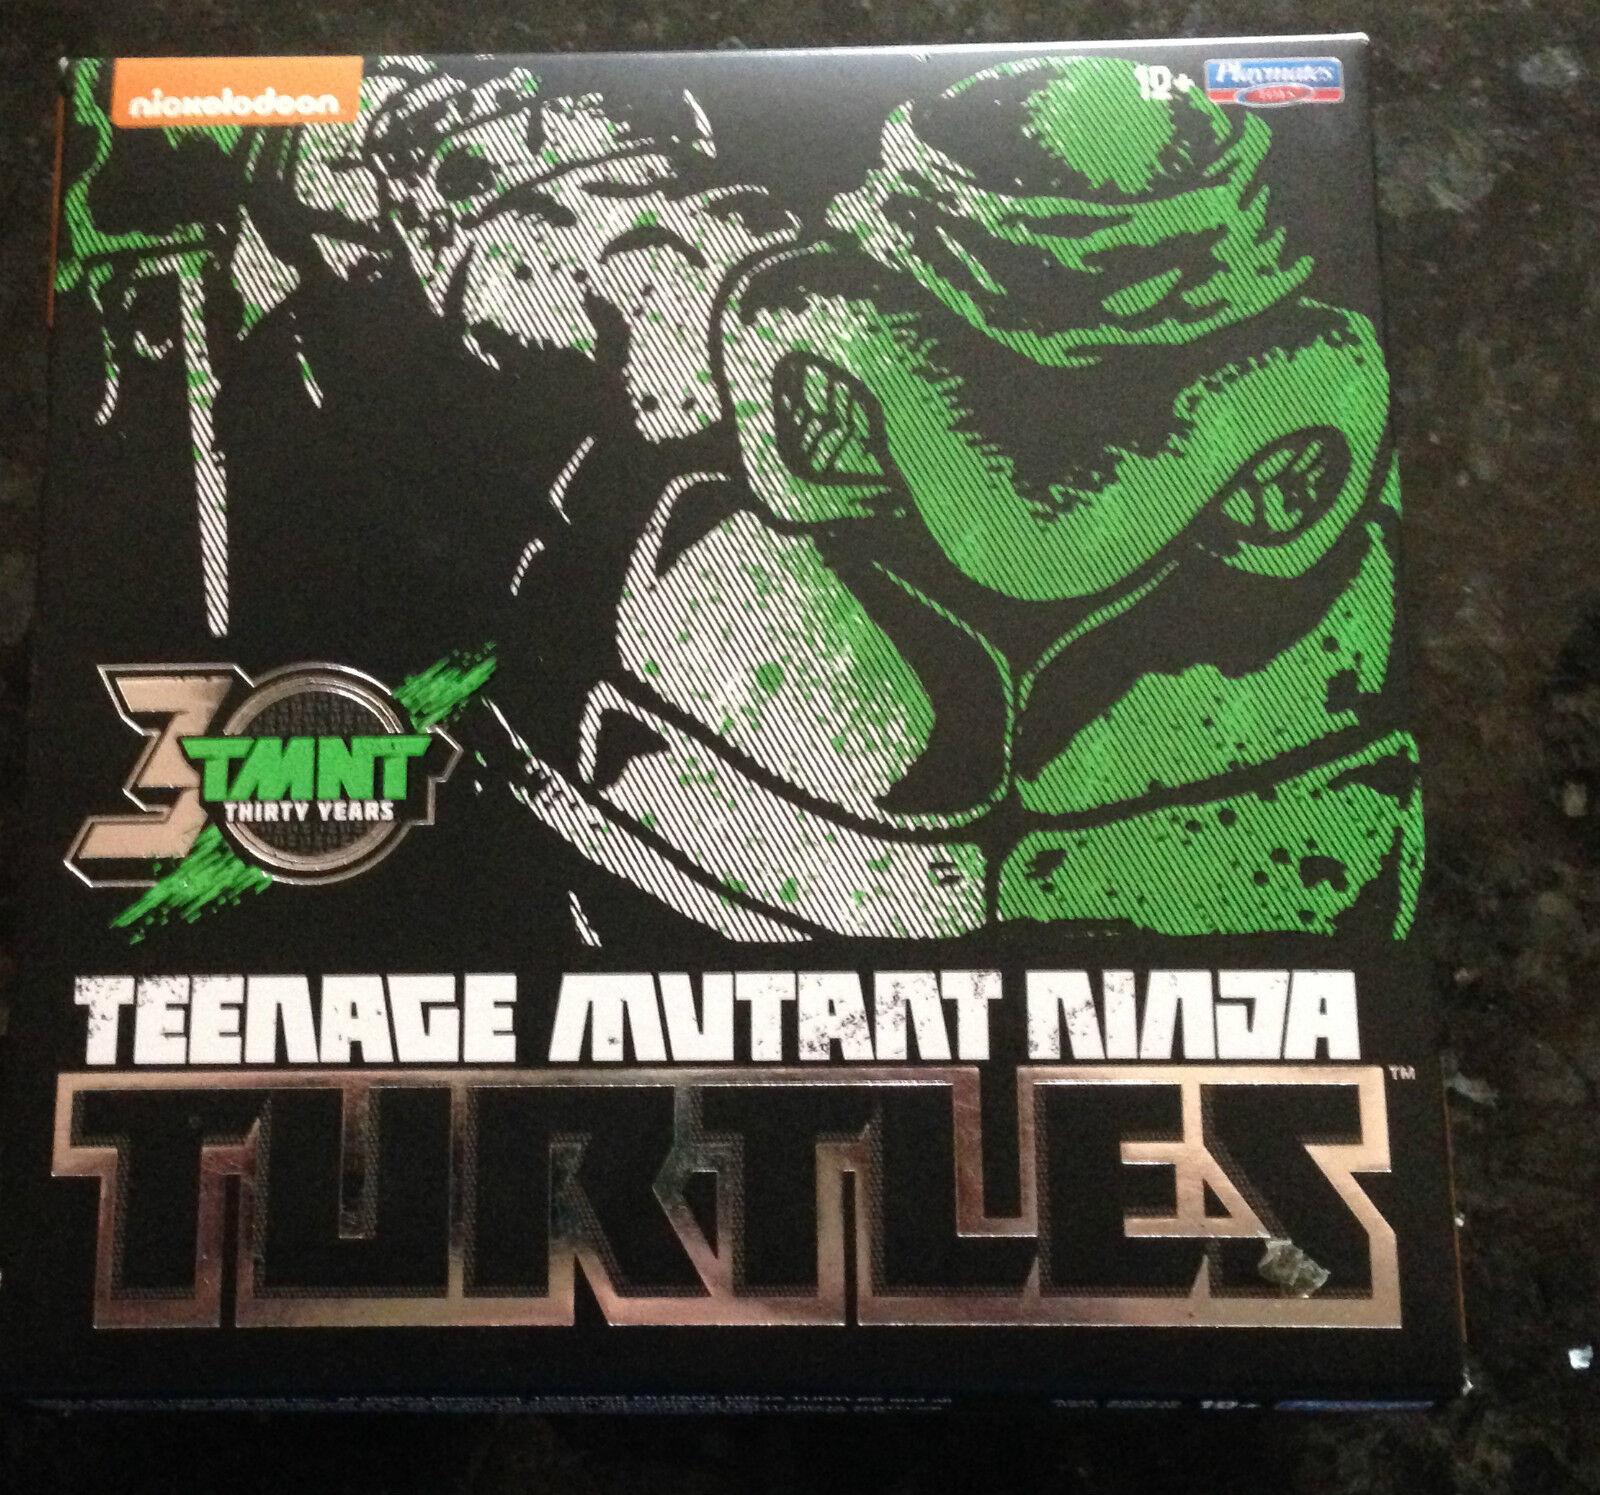 Raphael Sdcc 2014 Nickelodeon Jugarmates Tmnt Teenage Mutant Ninja Turtles Raro